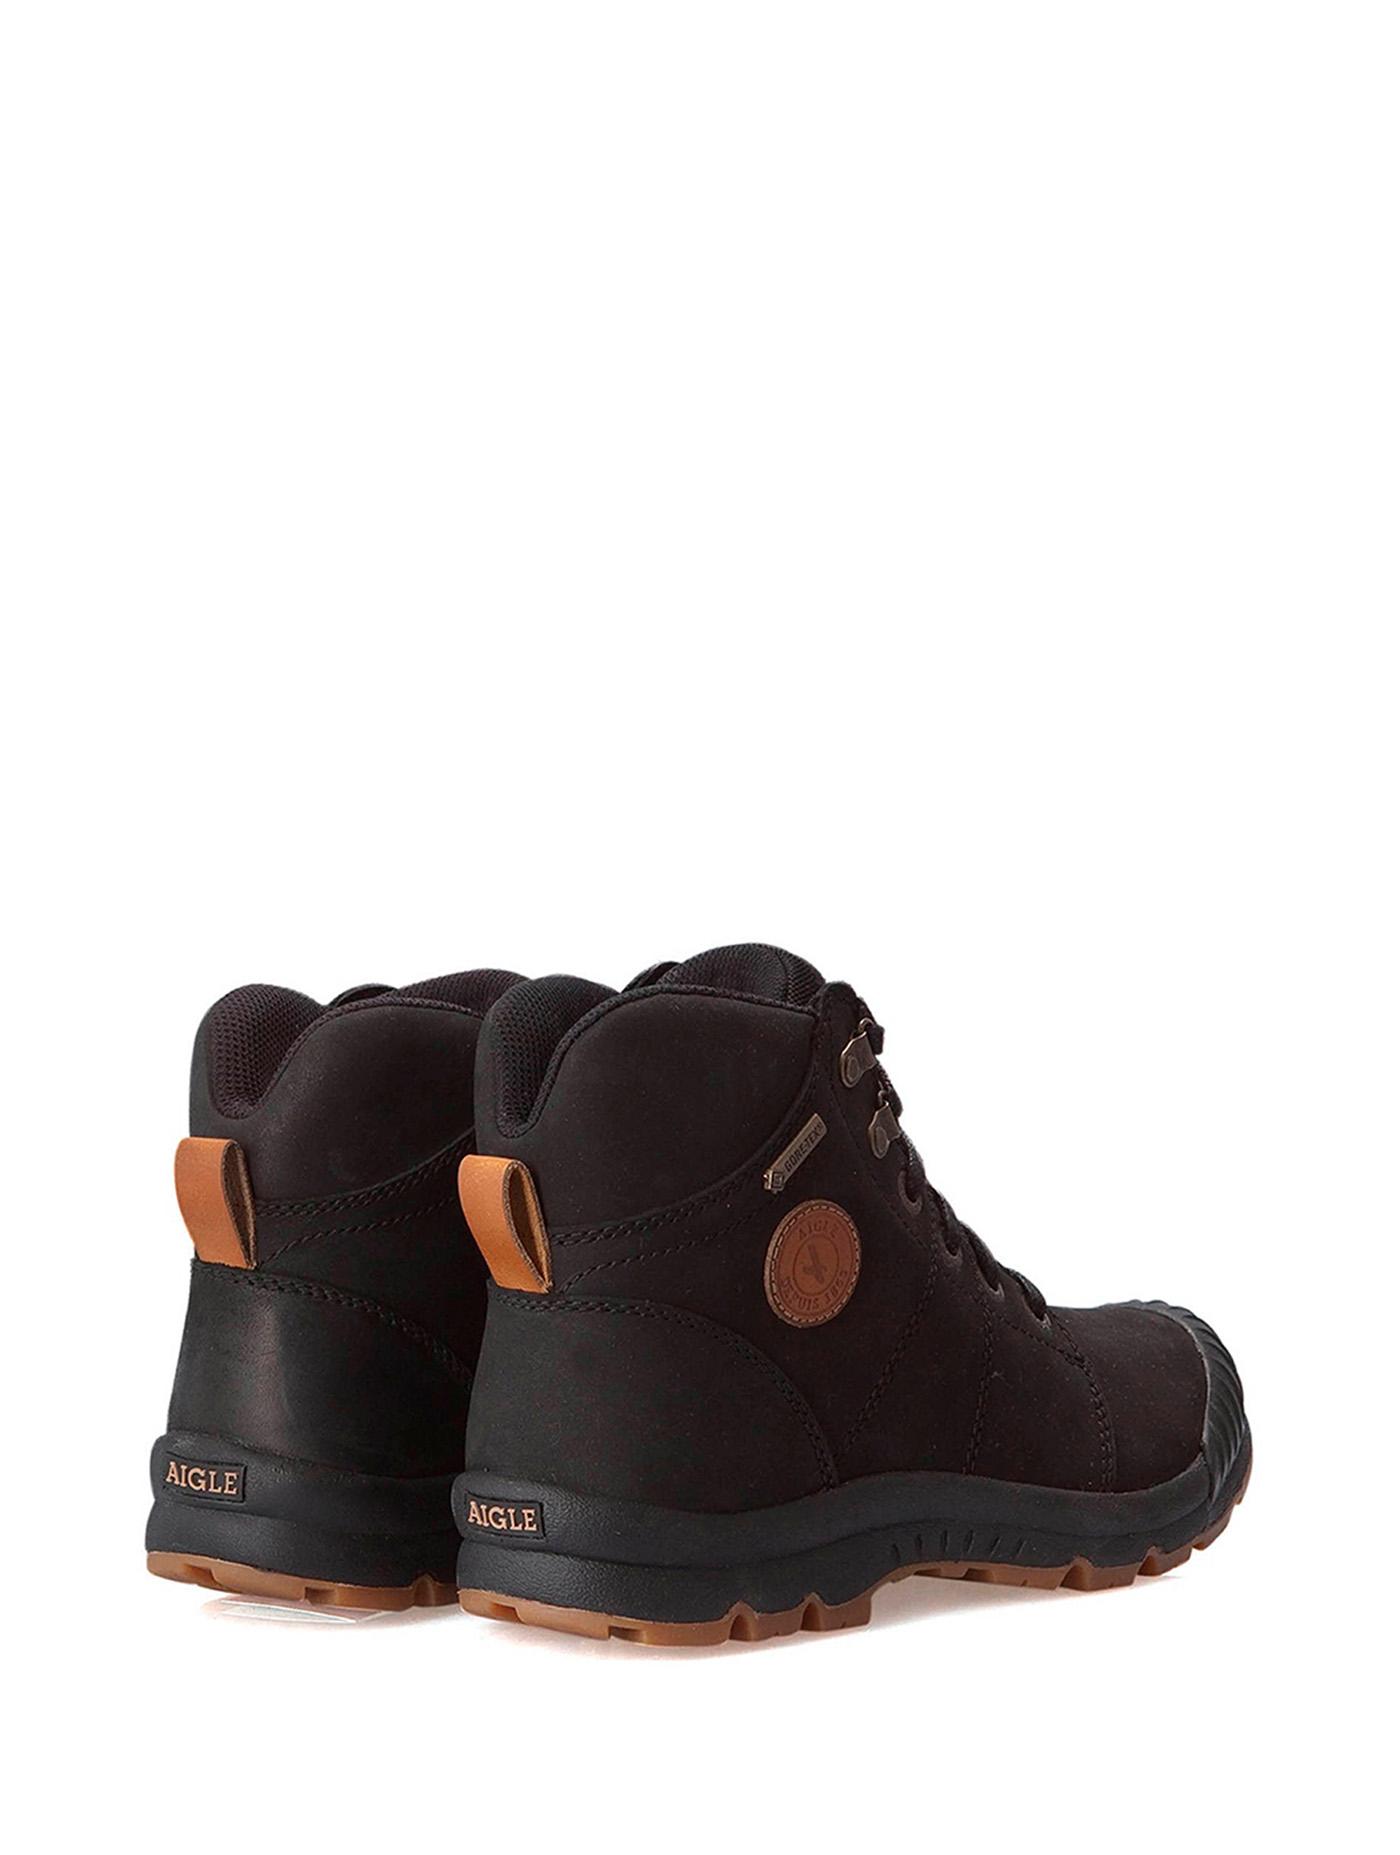 Chaussures de marche Gore Tex® Femme Tenere® light